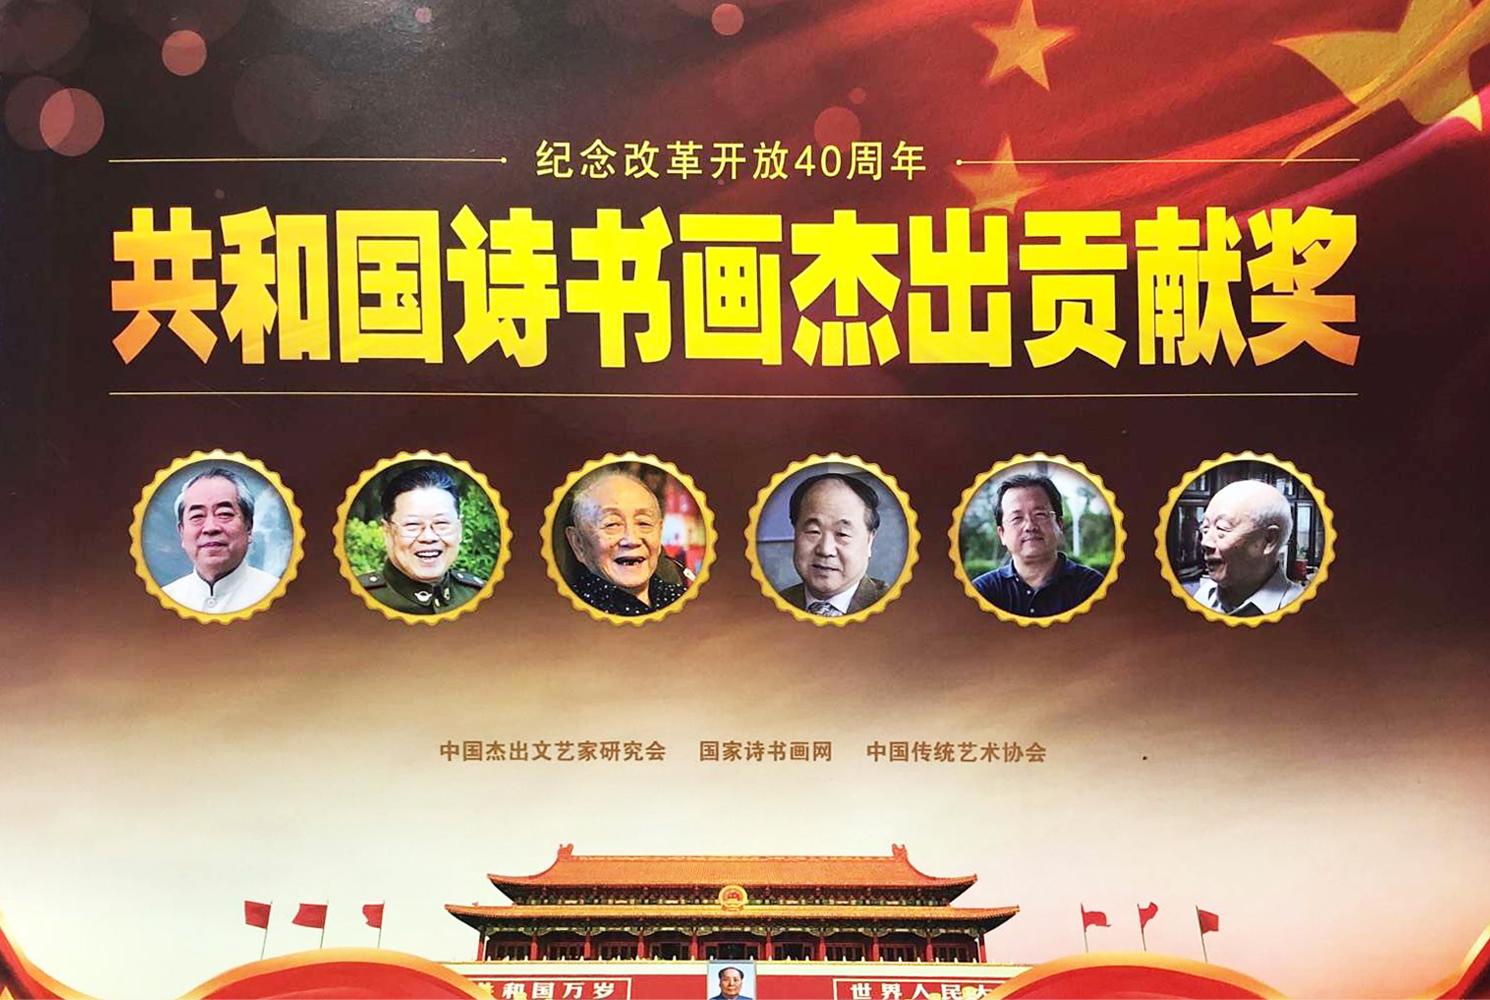 """""""纪念改革开放40周年——共和国诗书画杰出贡献奖""""评选活动"""